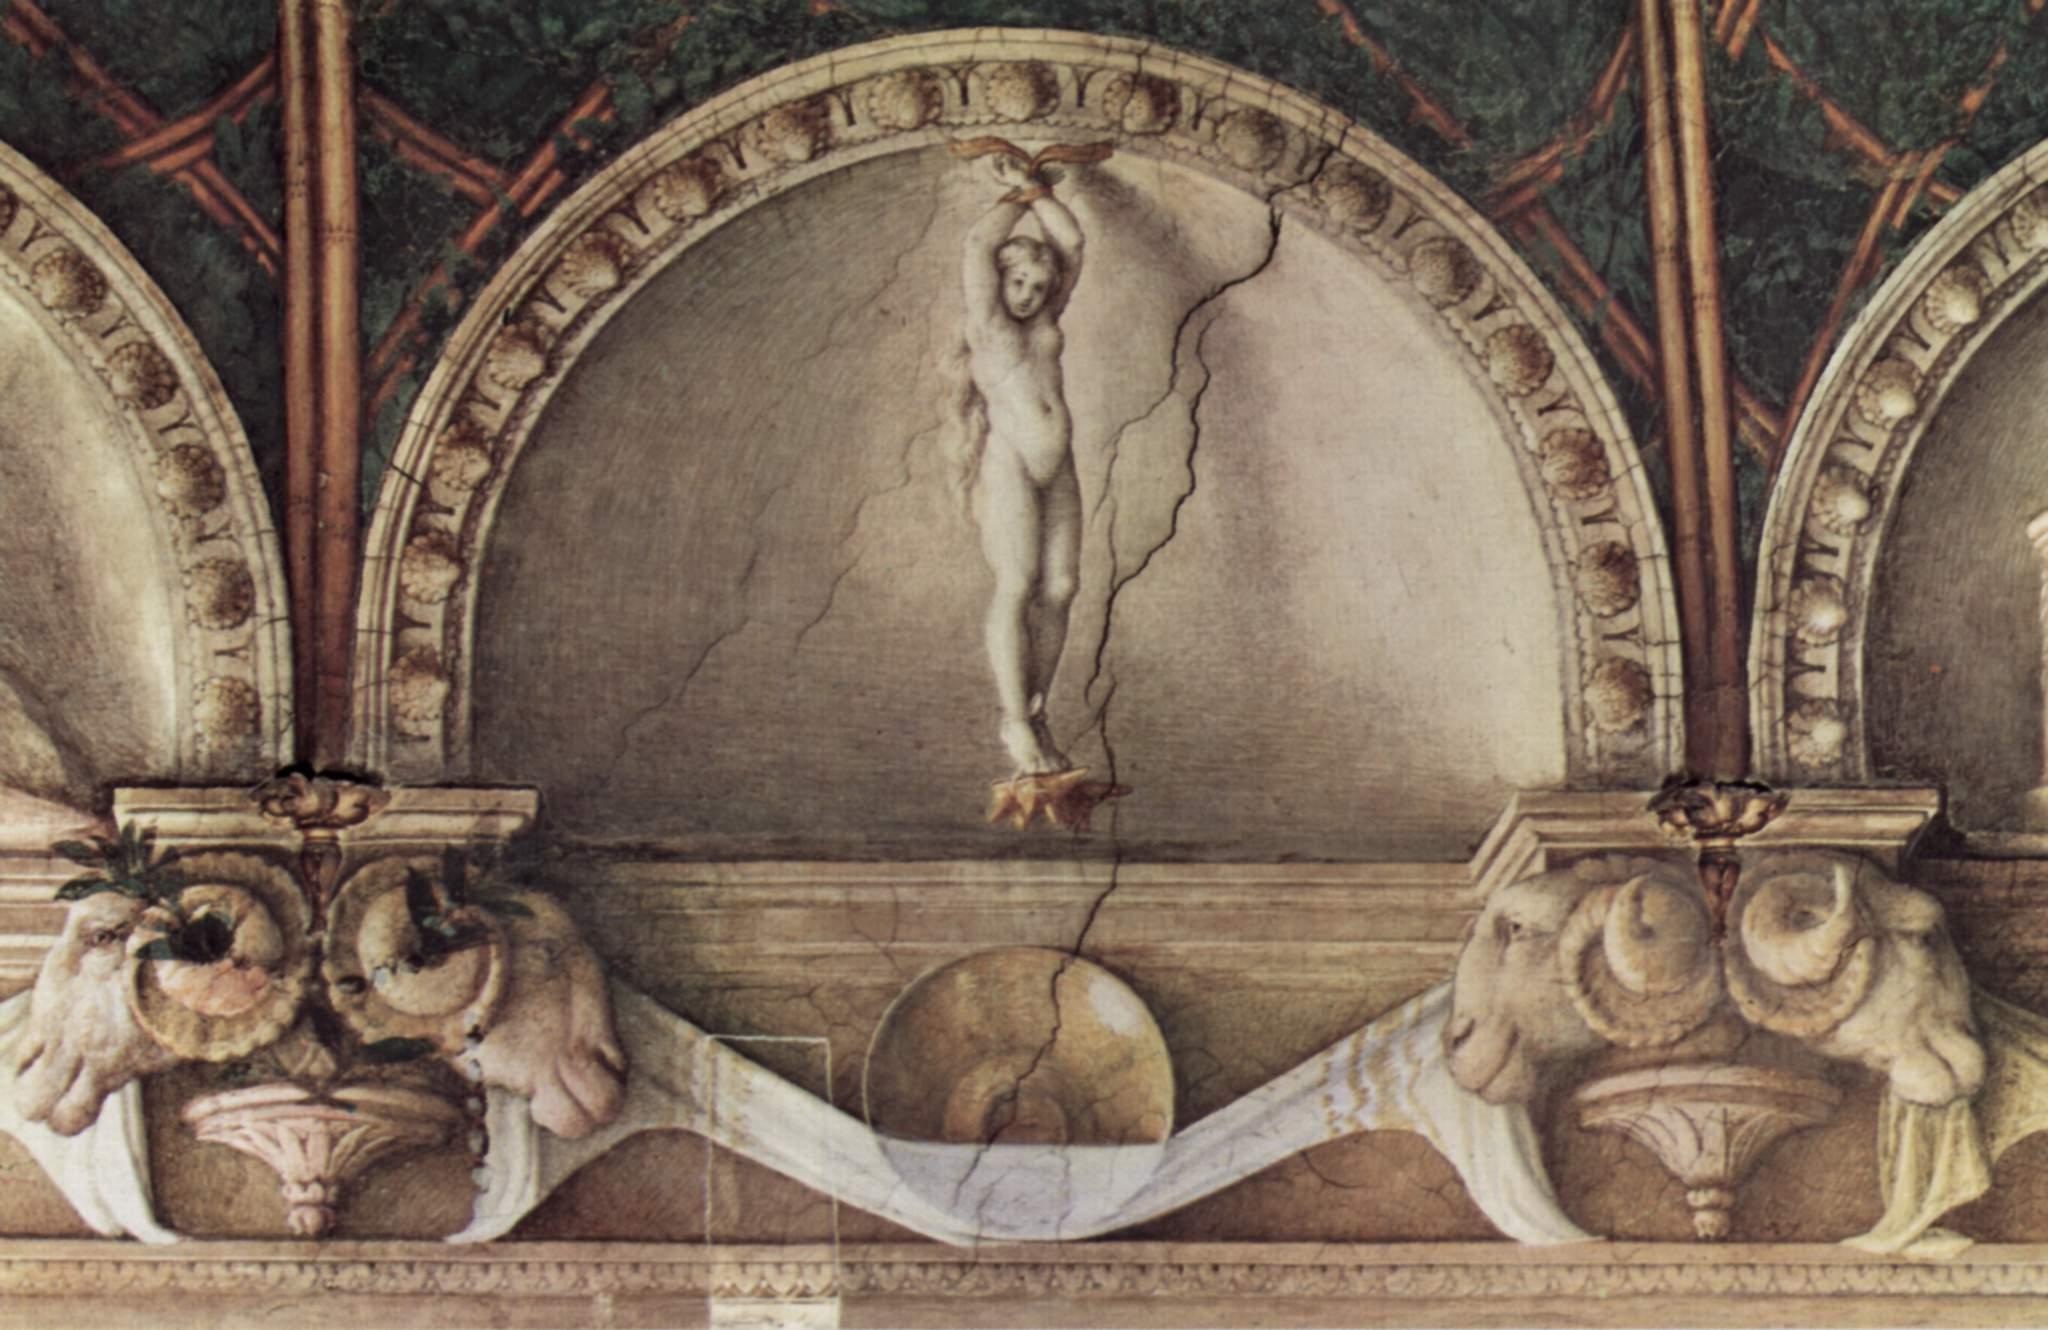 Correggio, Giunone Punita, Camera della Badessa in San Paolo, Parma